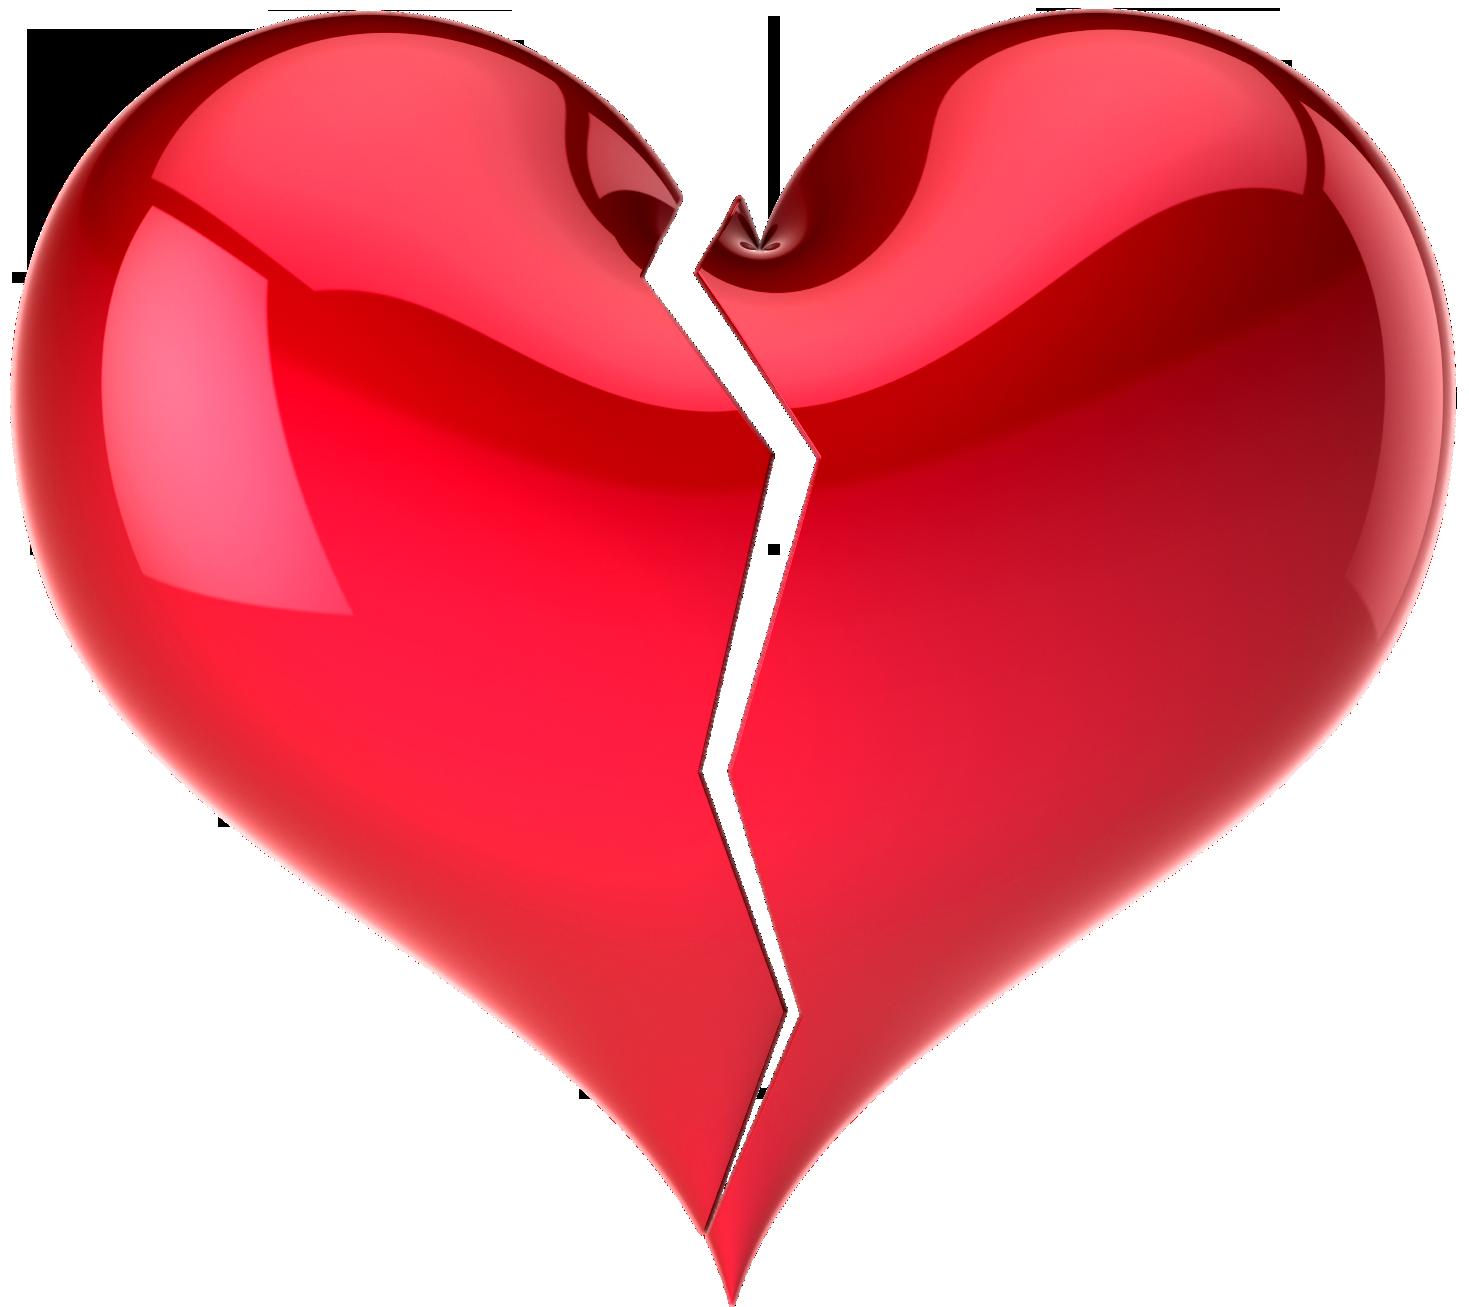 1469x1307 Broken Heart Png Image